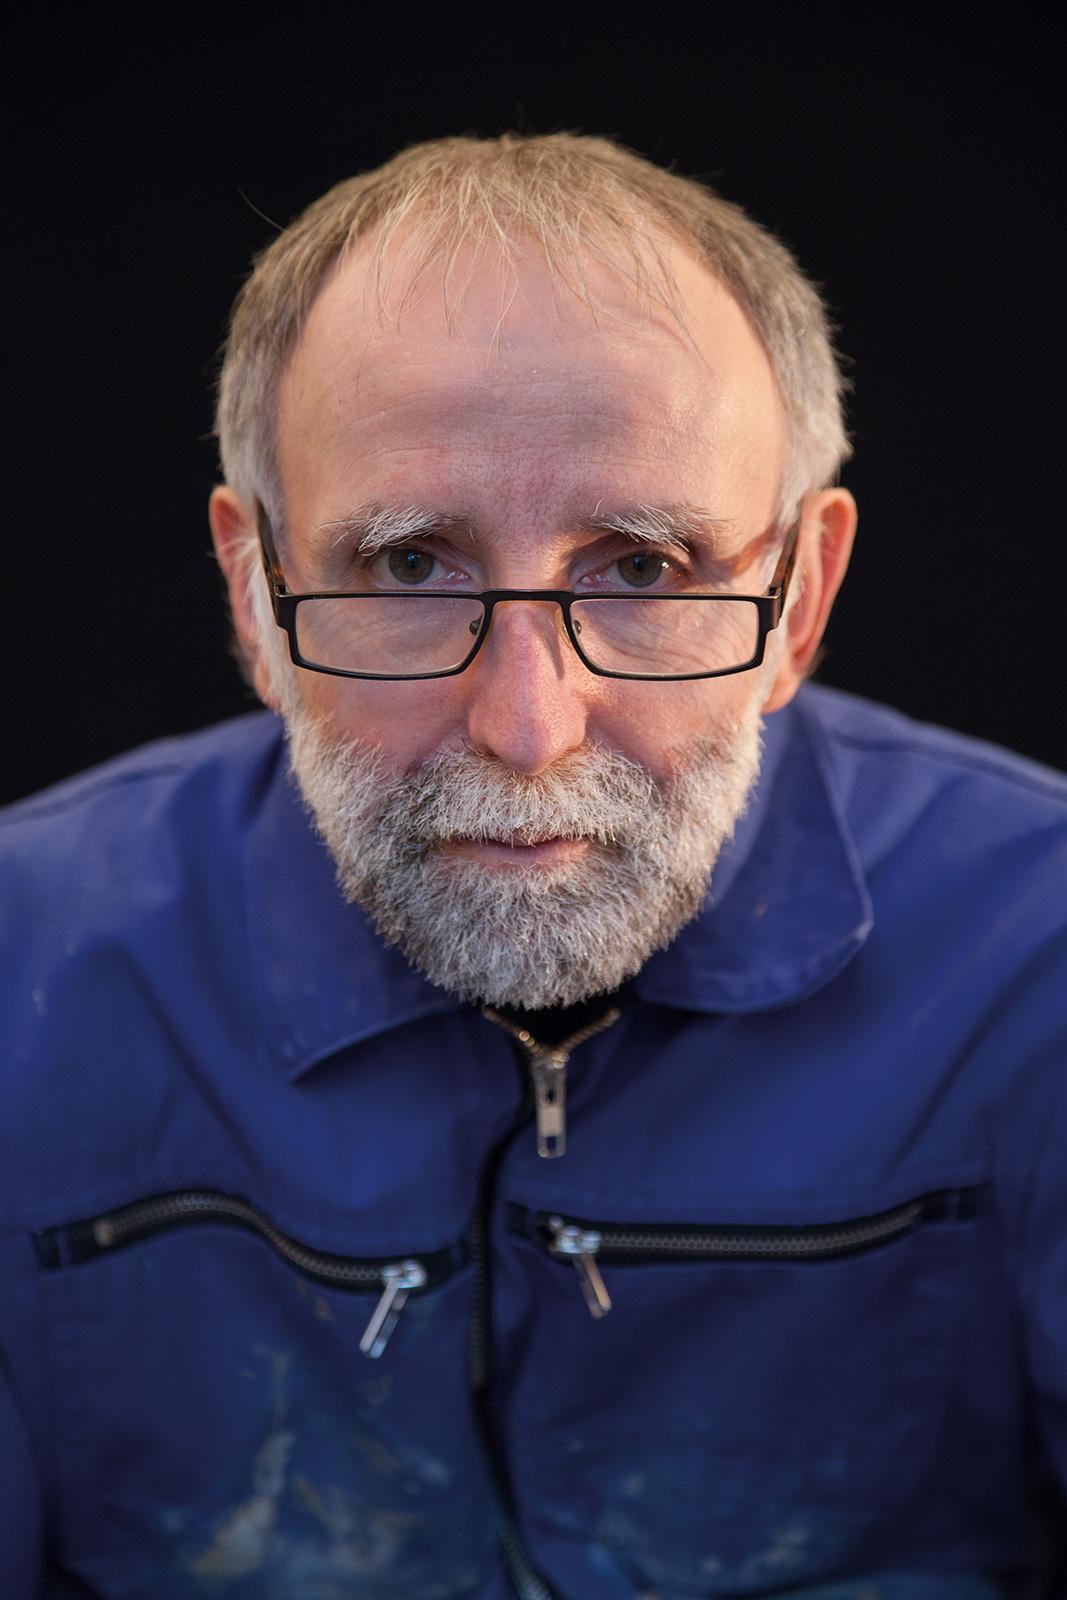 Lothar Zaubitzer